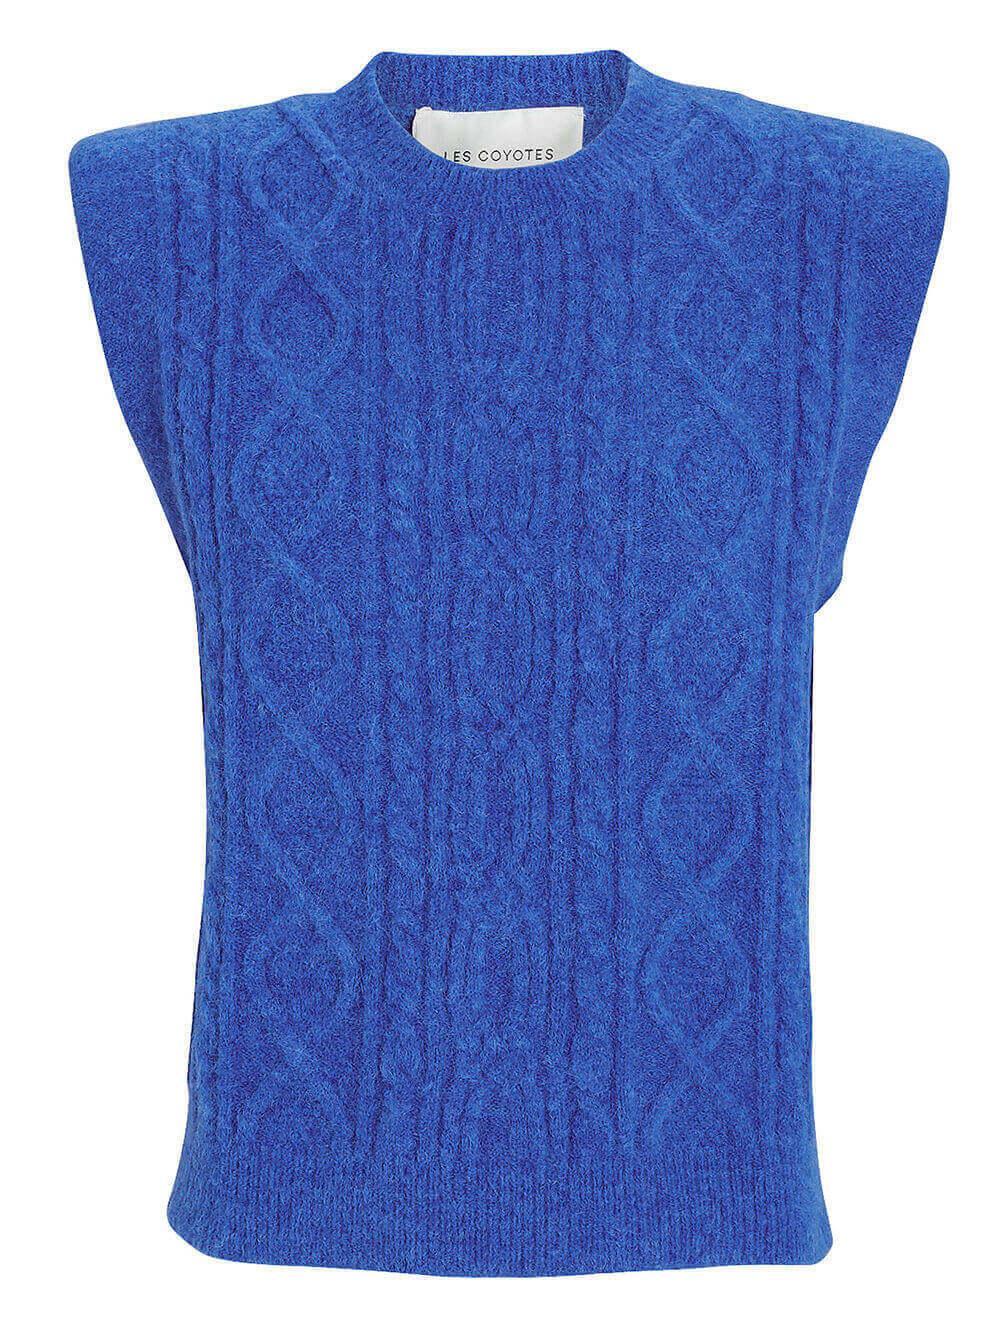 Morris Cable Knit Vest Item # 212-23-125